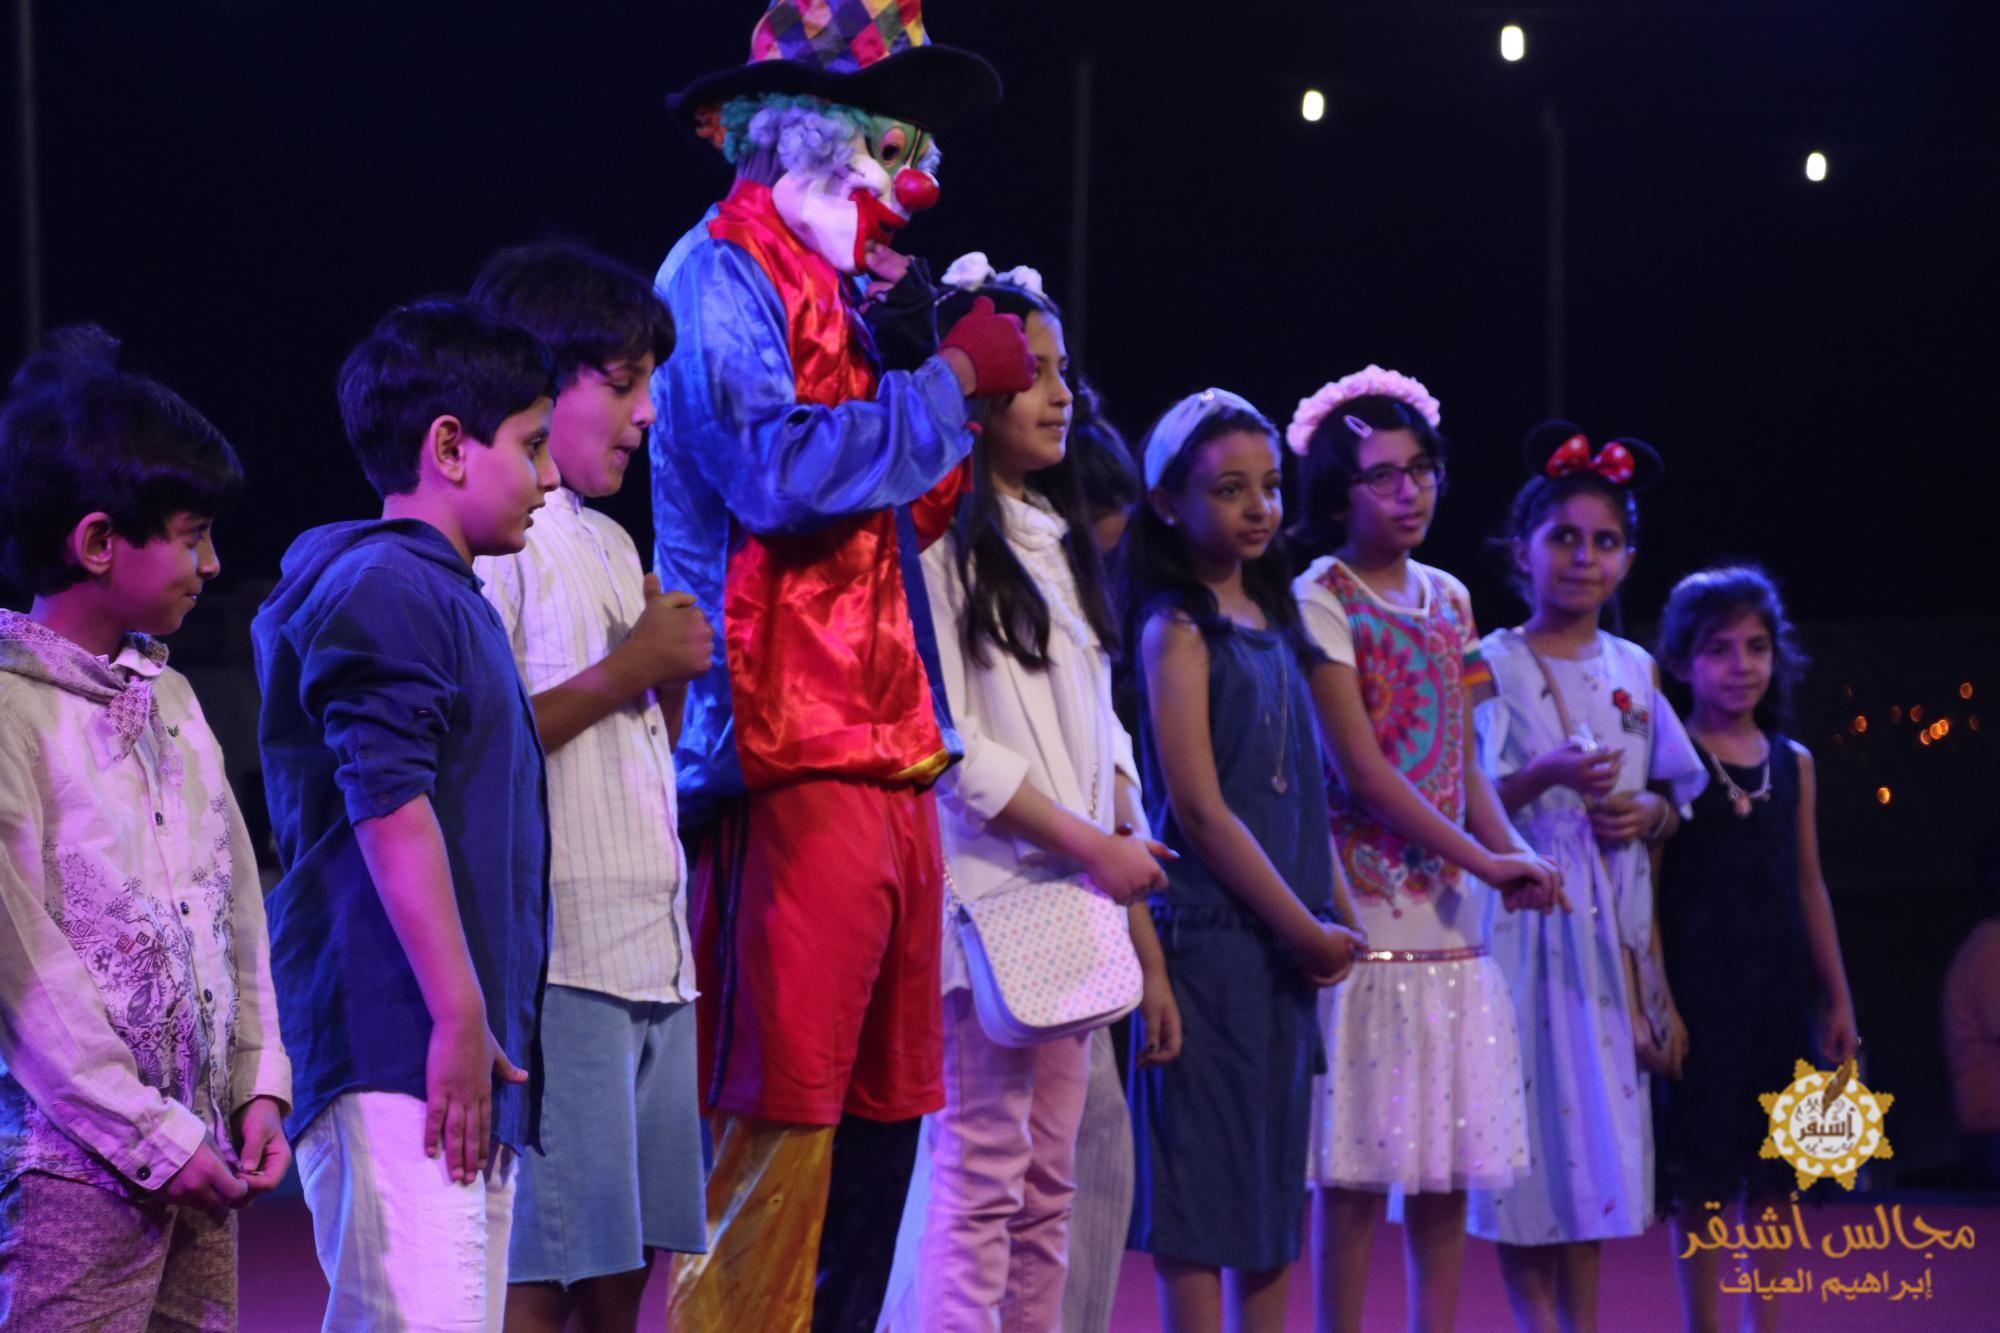 صورة لجنة التنمية الإجتماعية الأهلية بأشيقر تنظم مهرجان الطفل العاشر